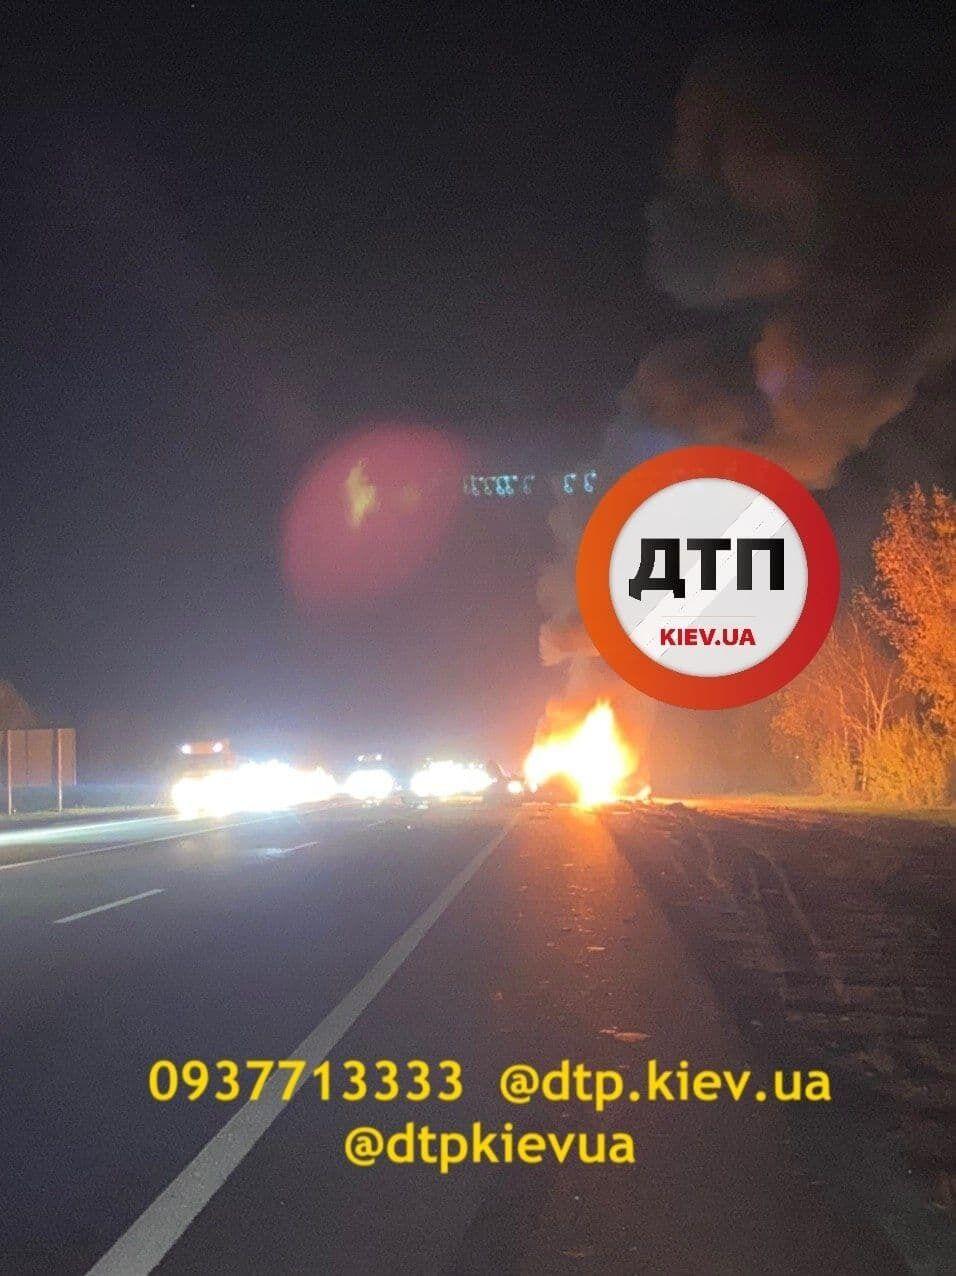 Авто загорелись после столкновения.